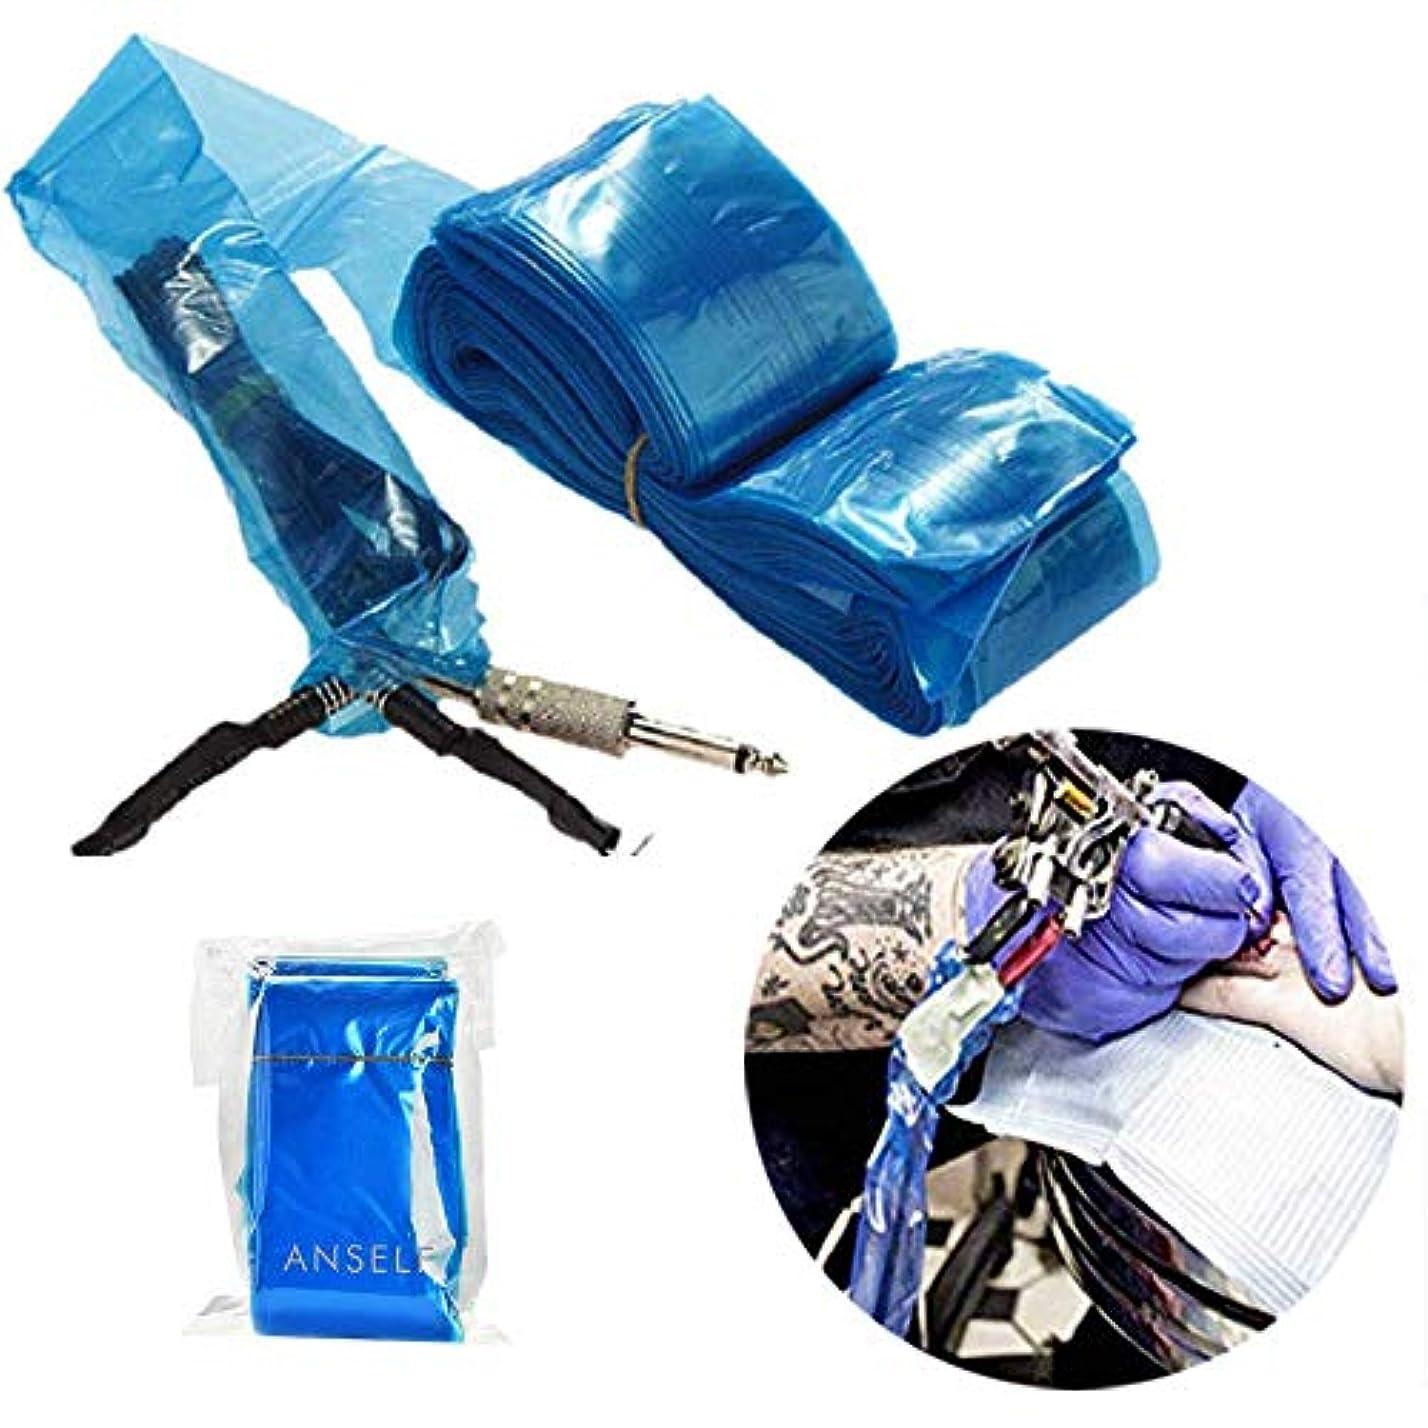 サーキットに行く伝統的相手Decdeal タトゥークリップカバー タトゥー用品 タトゥーマシンプラスチック用使い捨てカバー 100Pcs